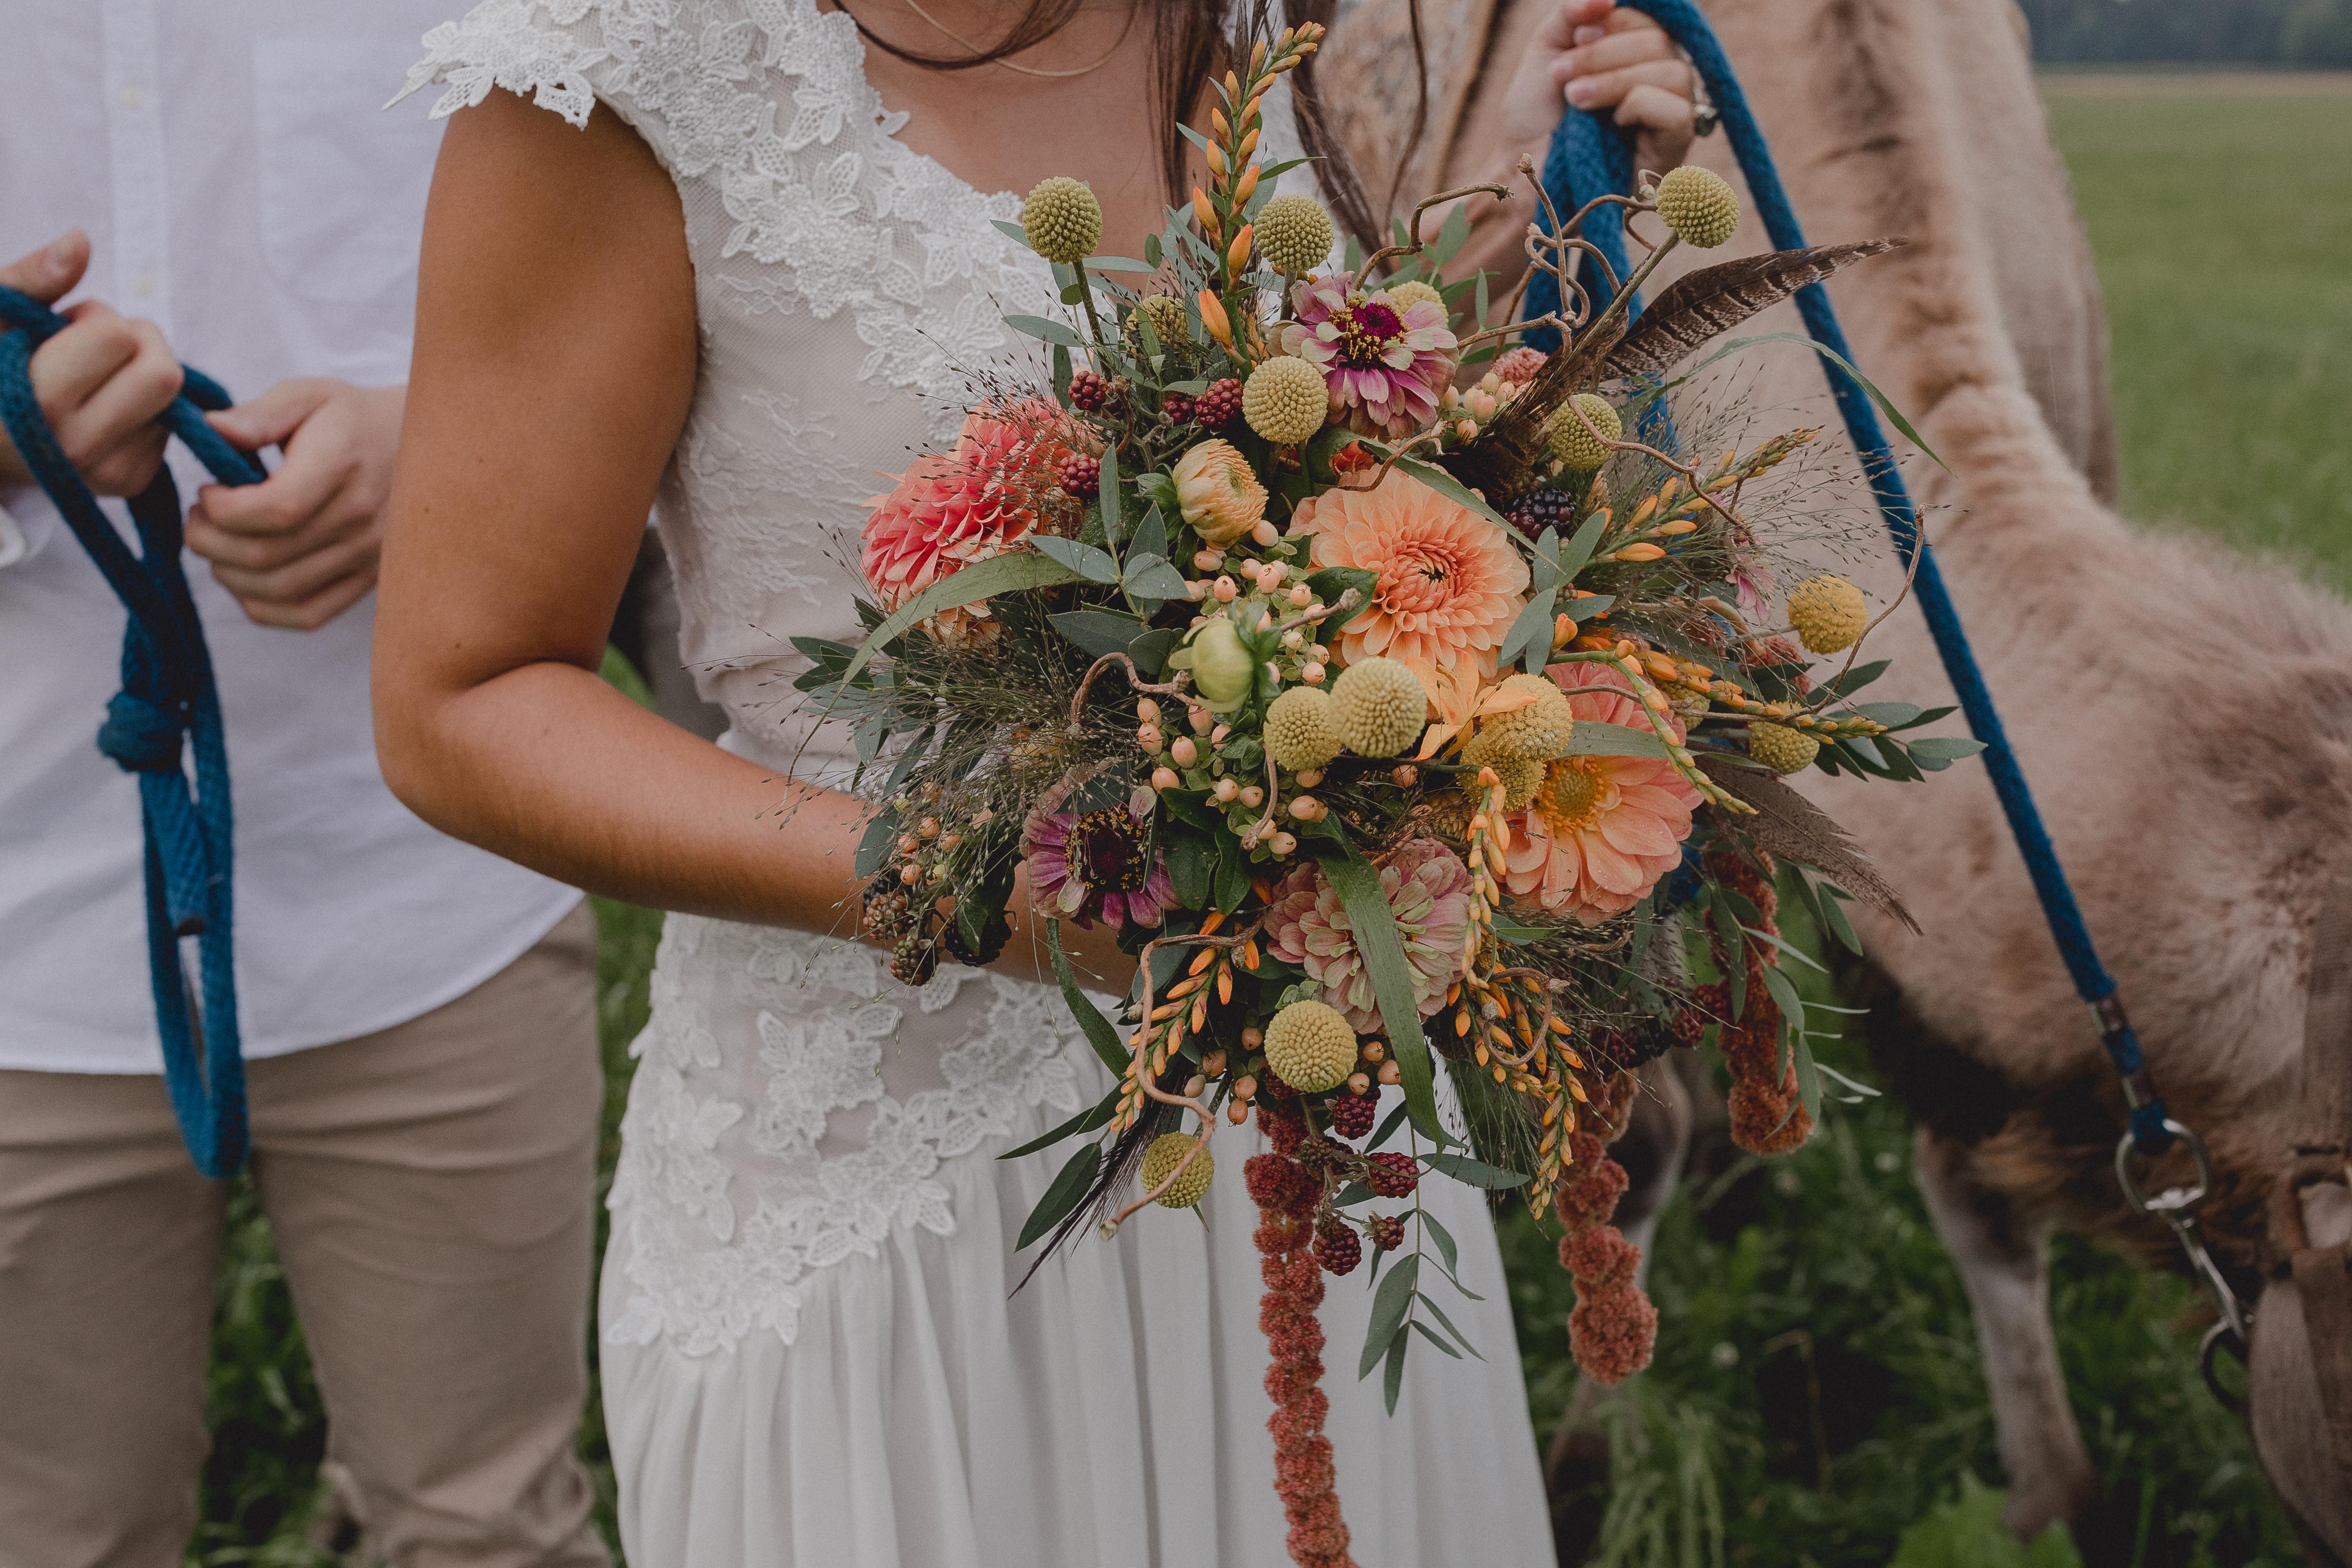 URBANERIE_Daniela_Goth_Vintage_Hochzeitsfotografin_Nuernberg_Fuerth_Erlangen_180721_0128